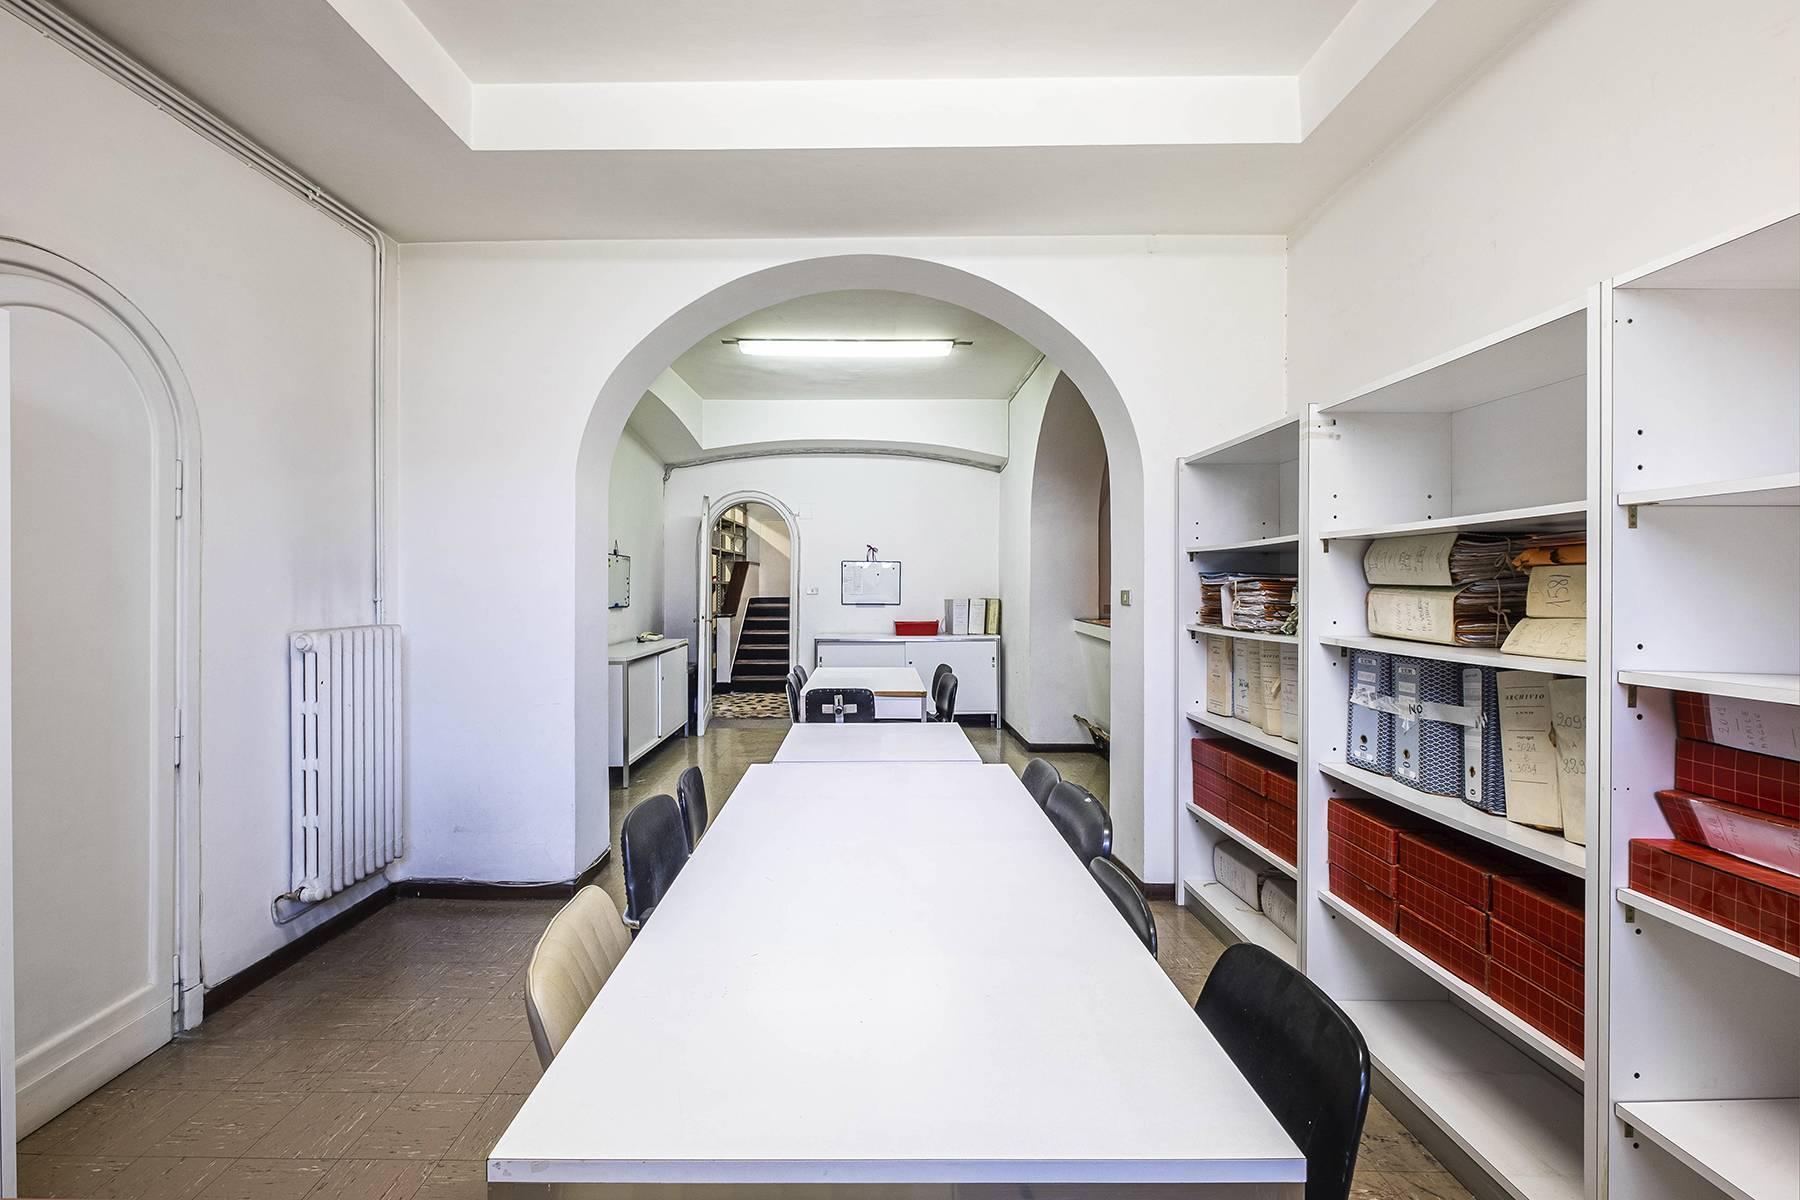 Bureau spacieux dans le quartier Flaminio - 25